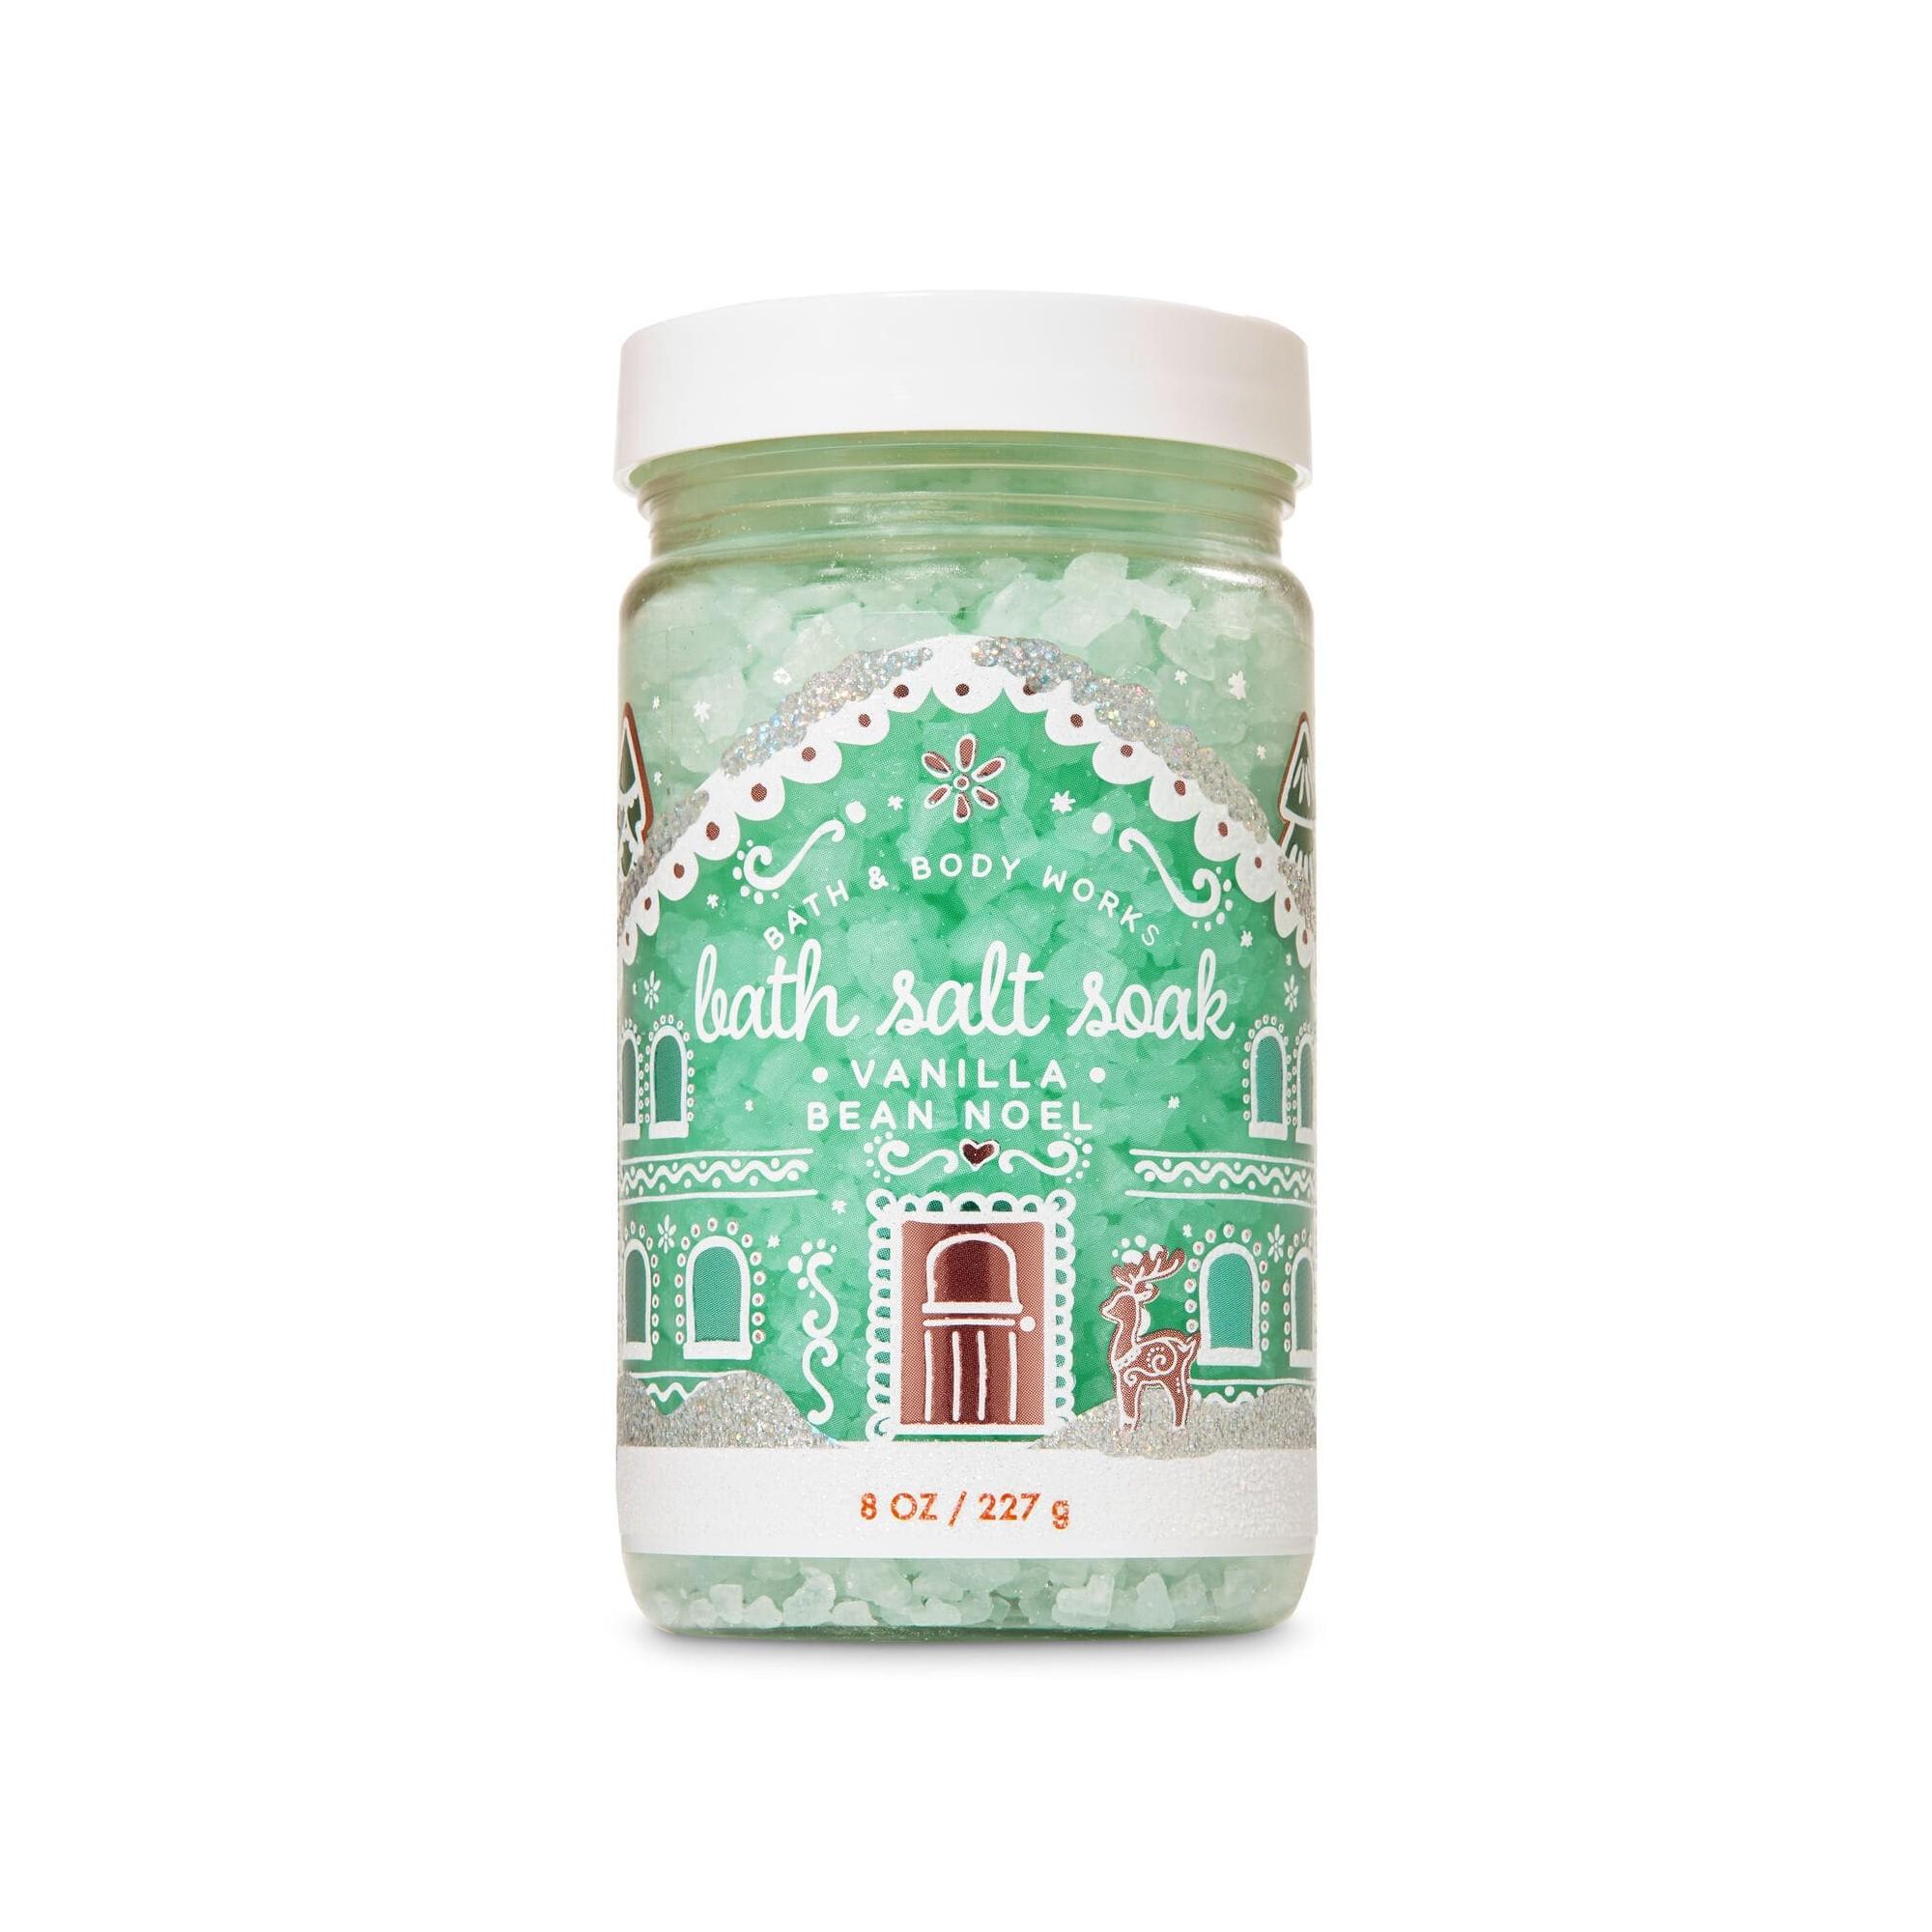 Bath & Body Works Vanilla Bean Noel Bath Salt Soak